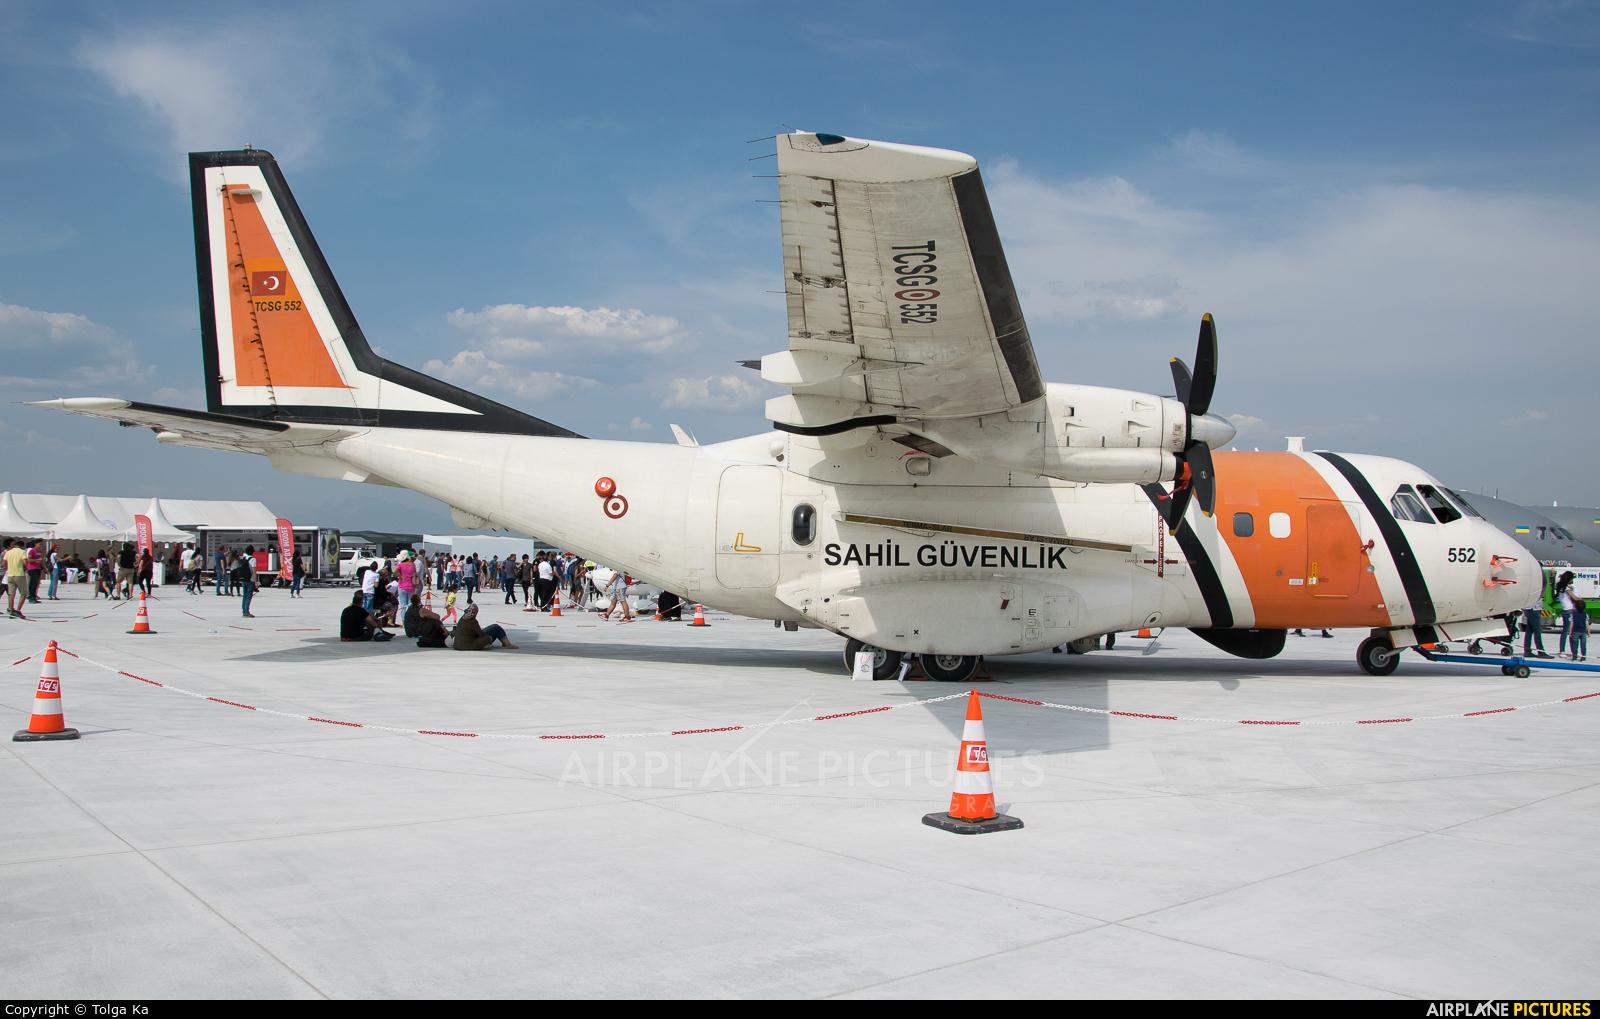 Turkey - Coast Guard TCSG-552 aircraft at Antalya